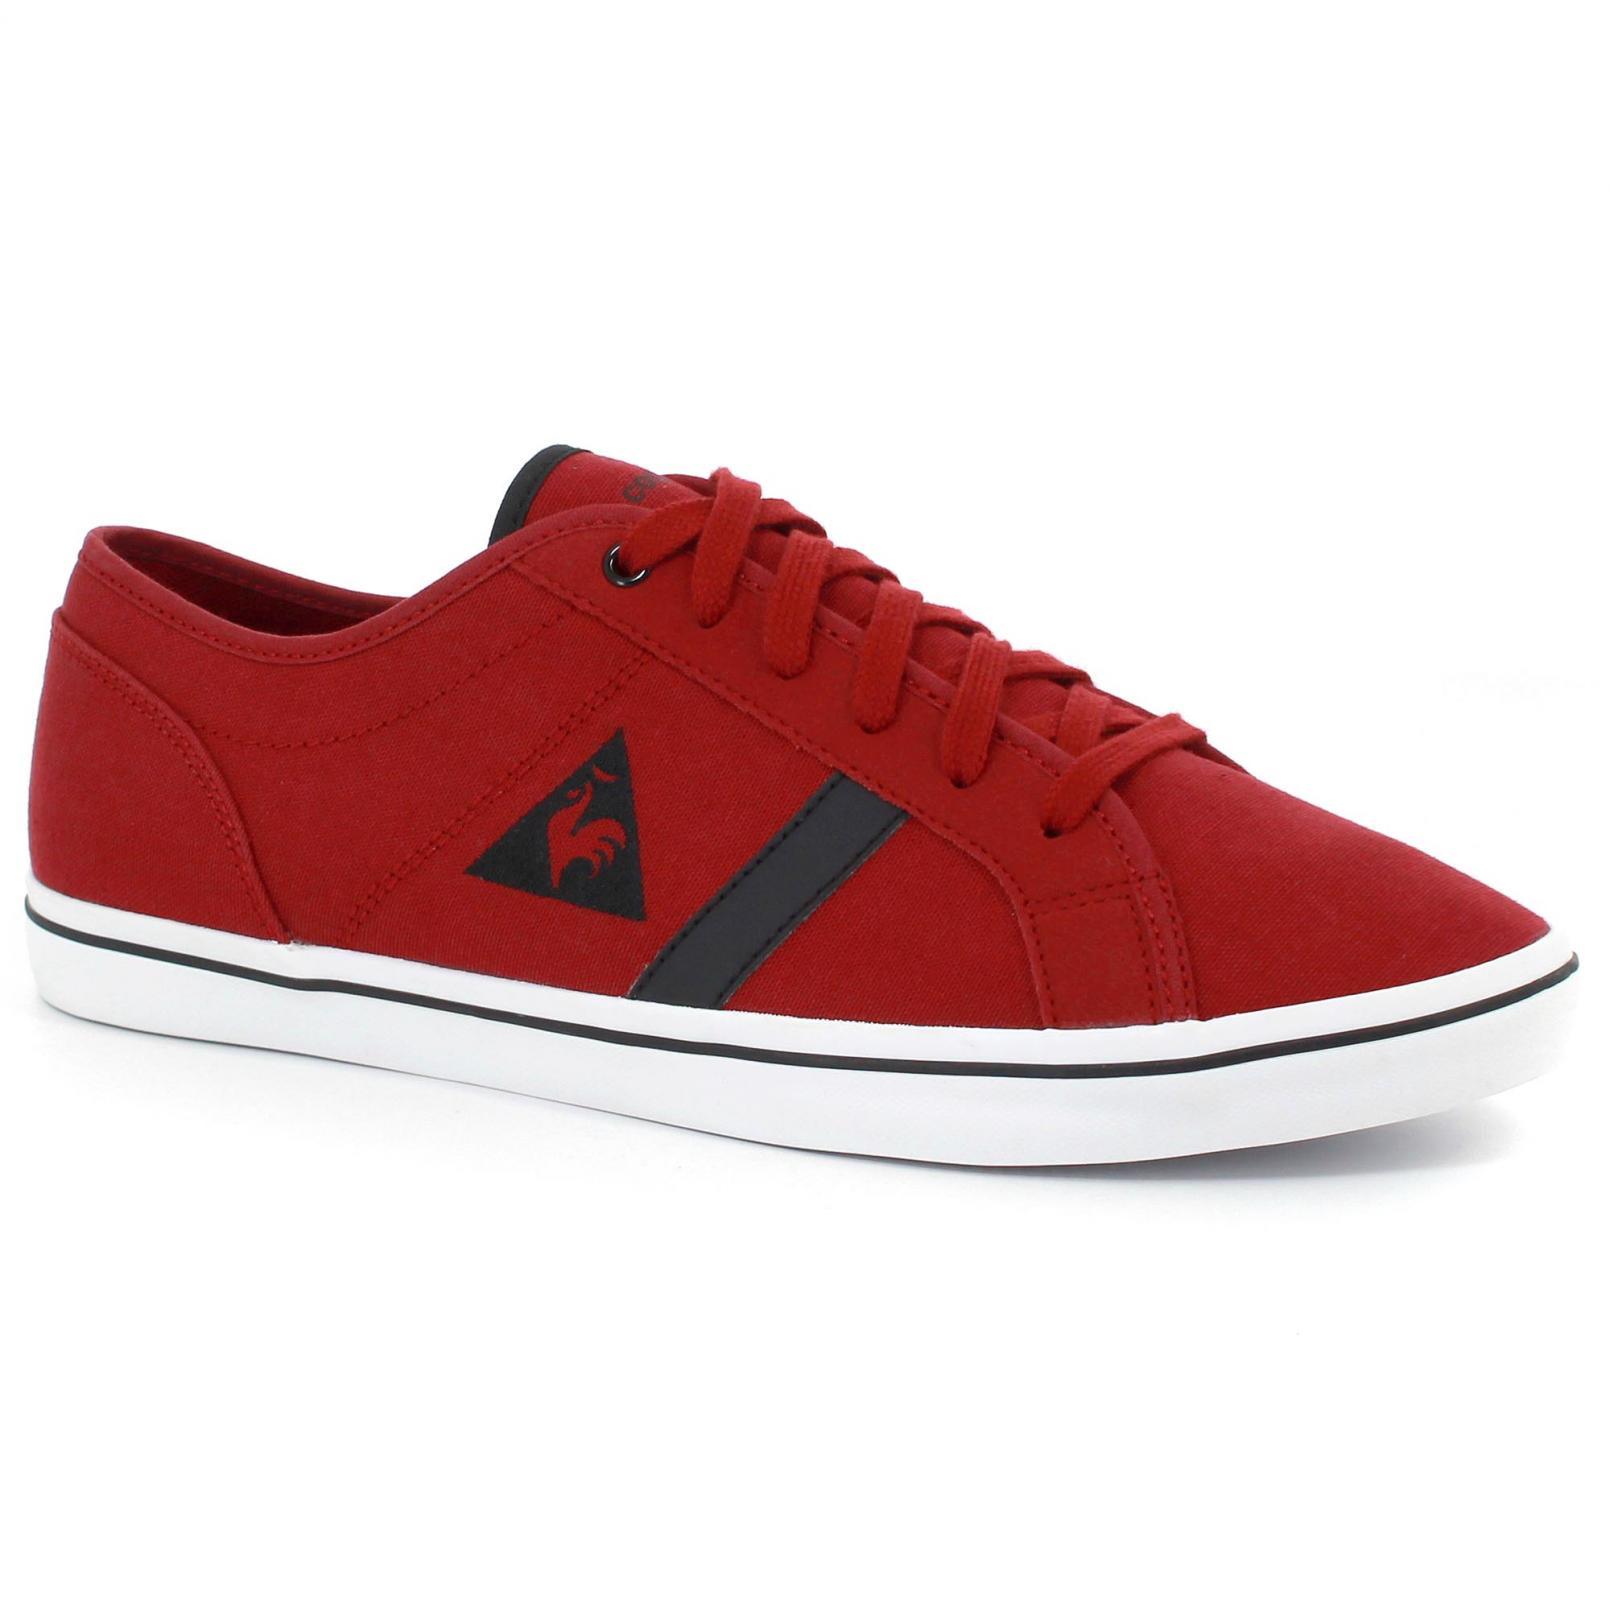 Shoes – Le Coq Sportif Aceone Cvs Red/Black